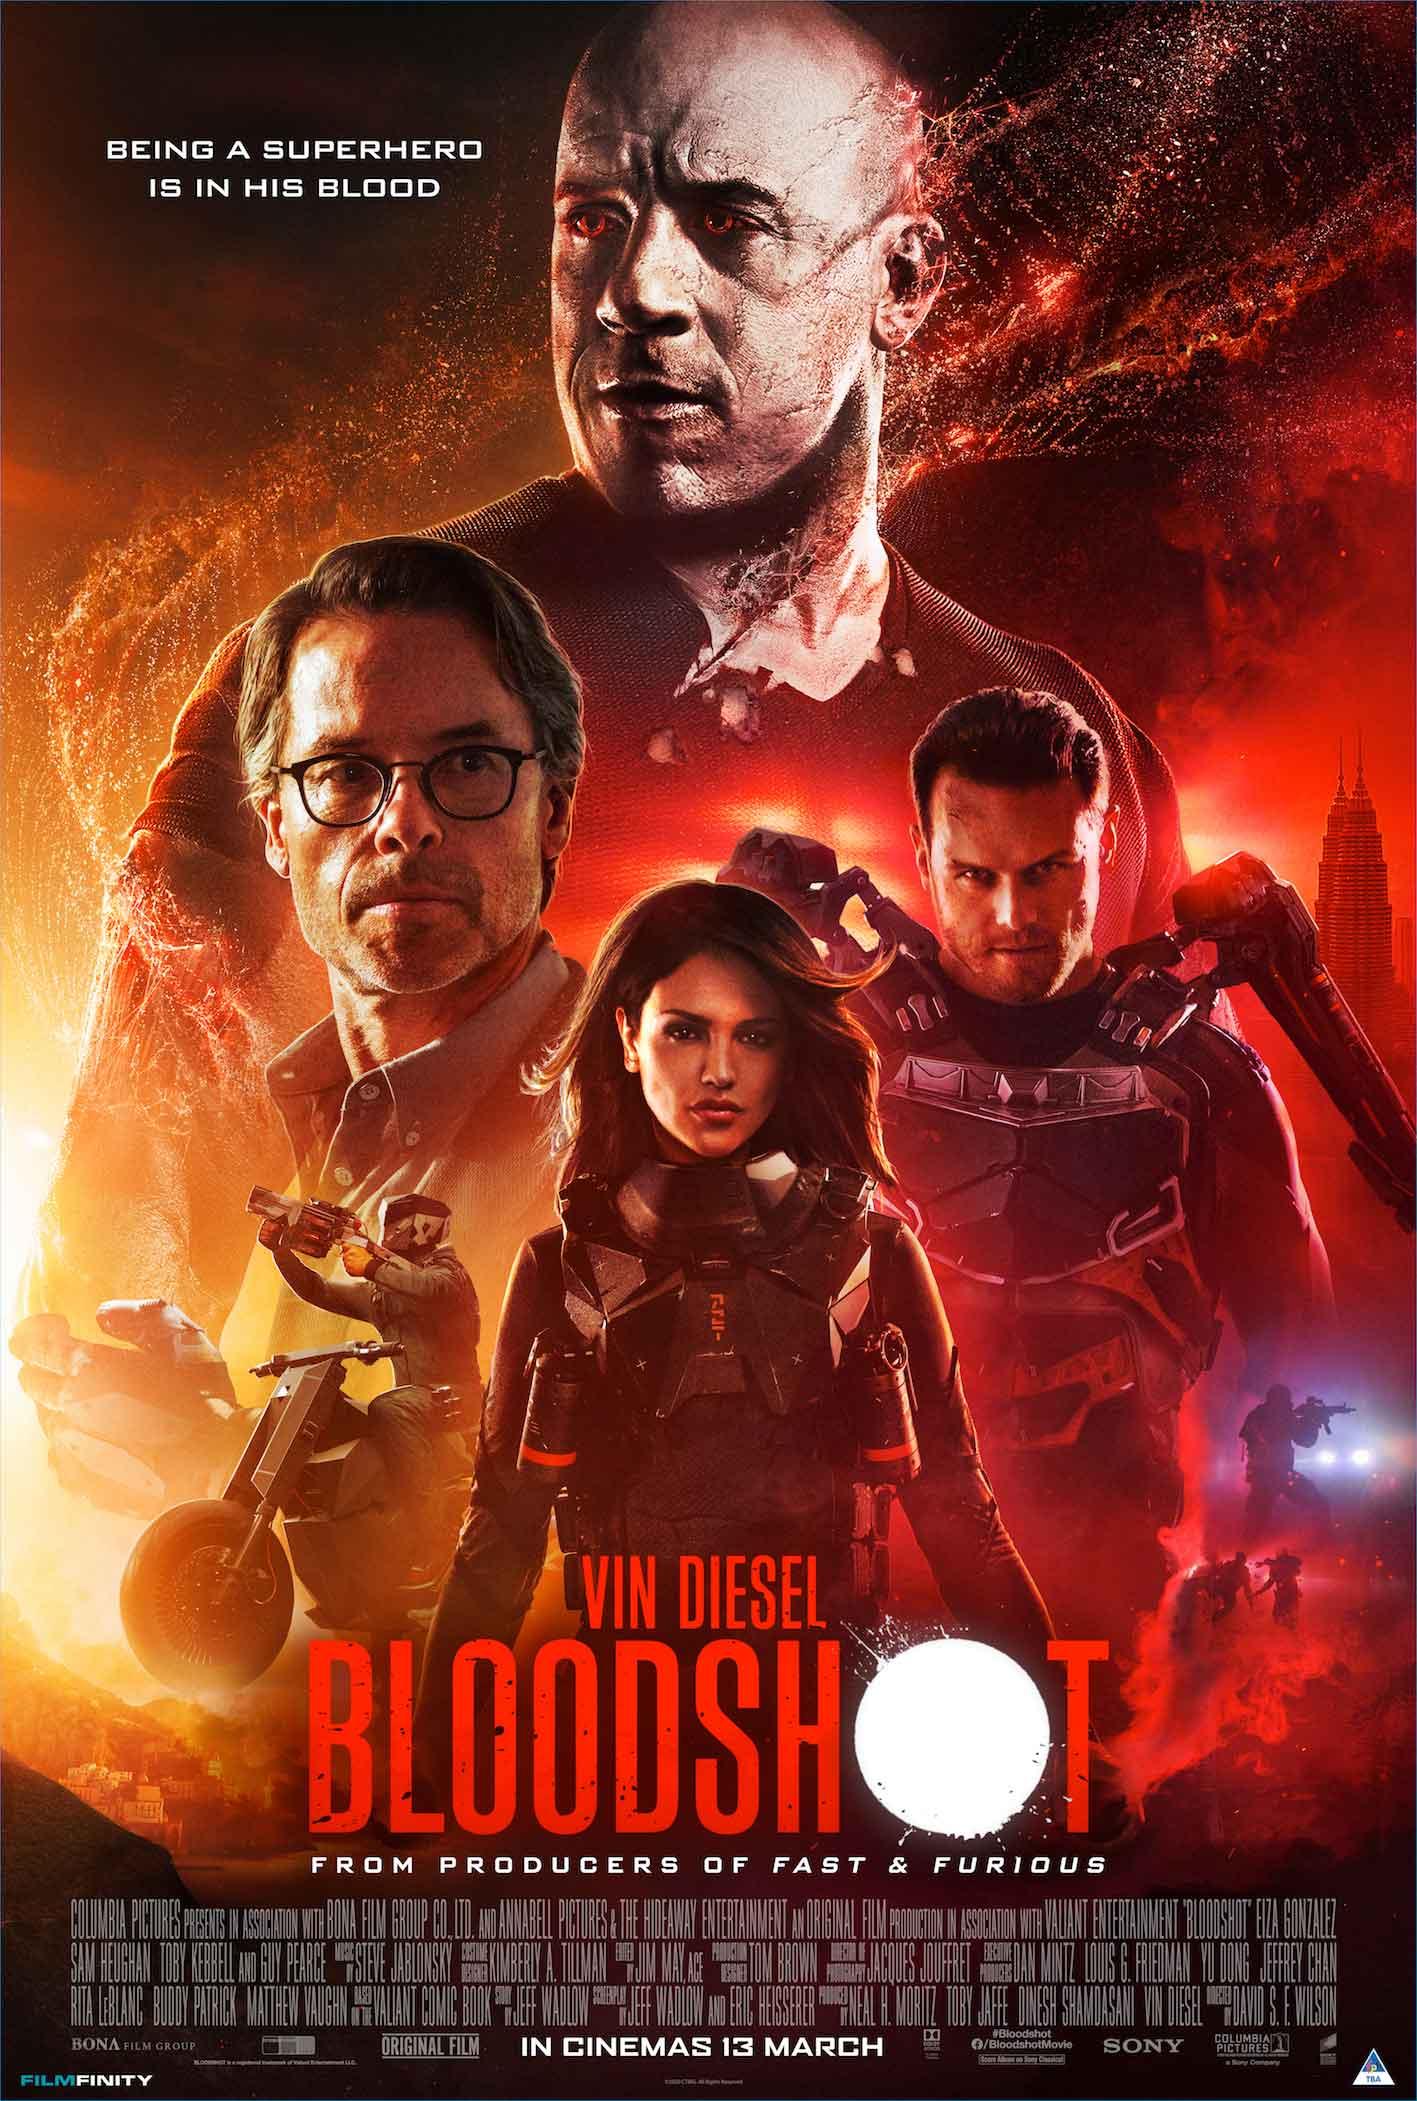 Bloodshot Vin Diesel Movie